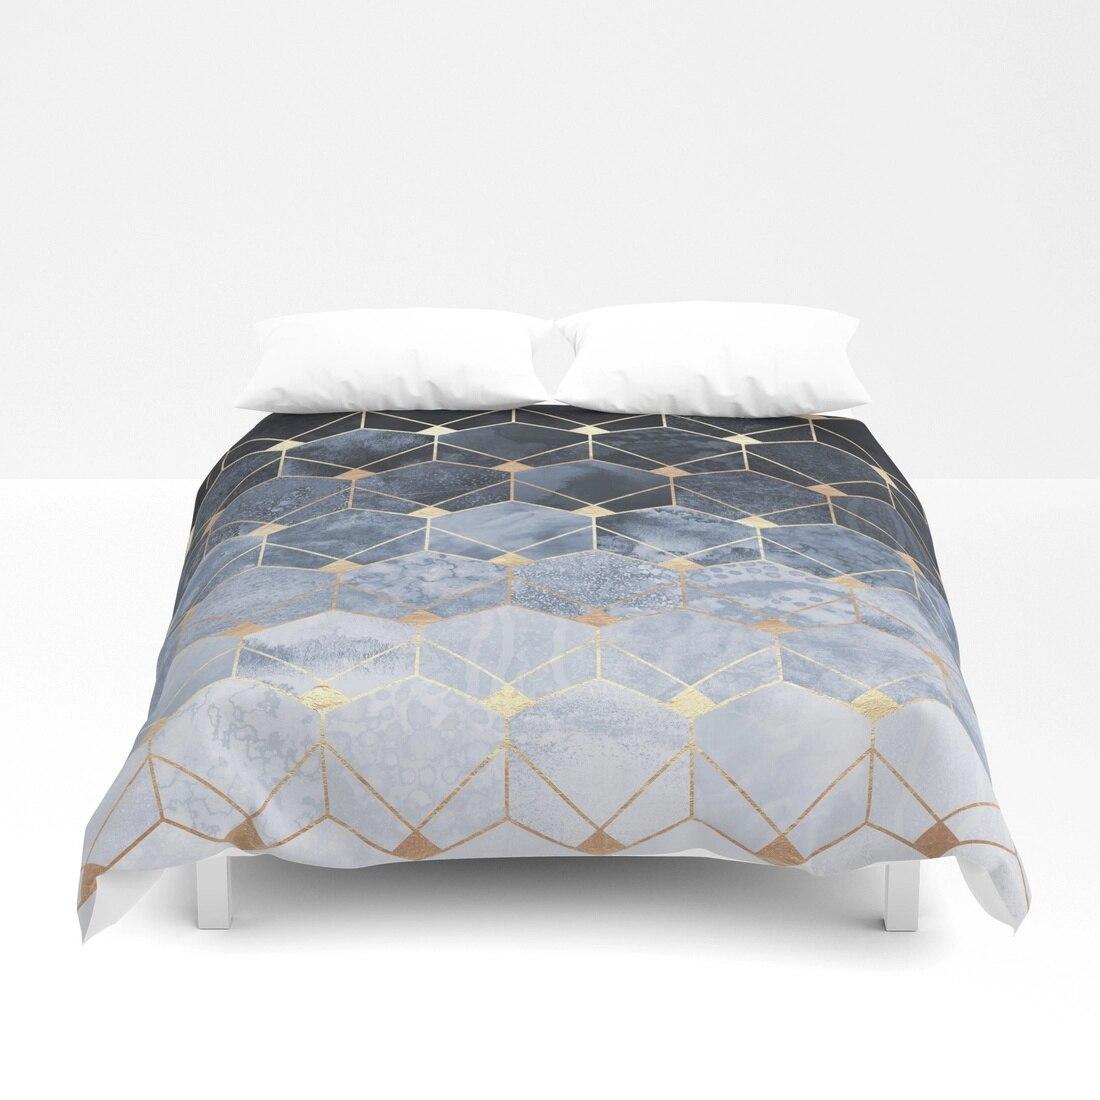 Синий шестиугольники и бриллианты набор пододеяльников для пуховых одеял комплект 4 предмет комплекты постельных принадлежностей Апрель